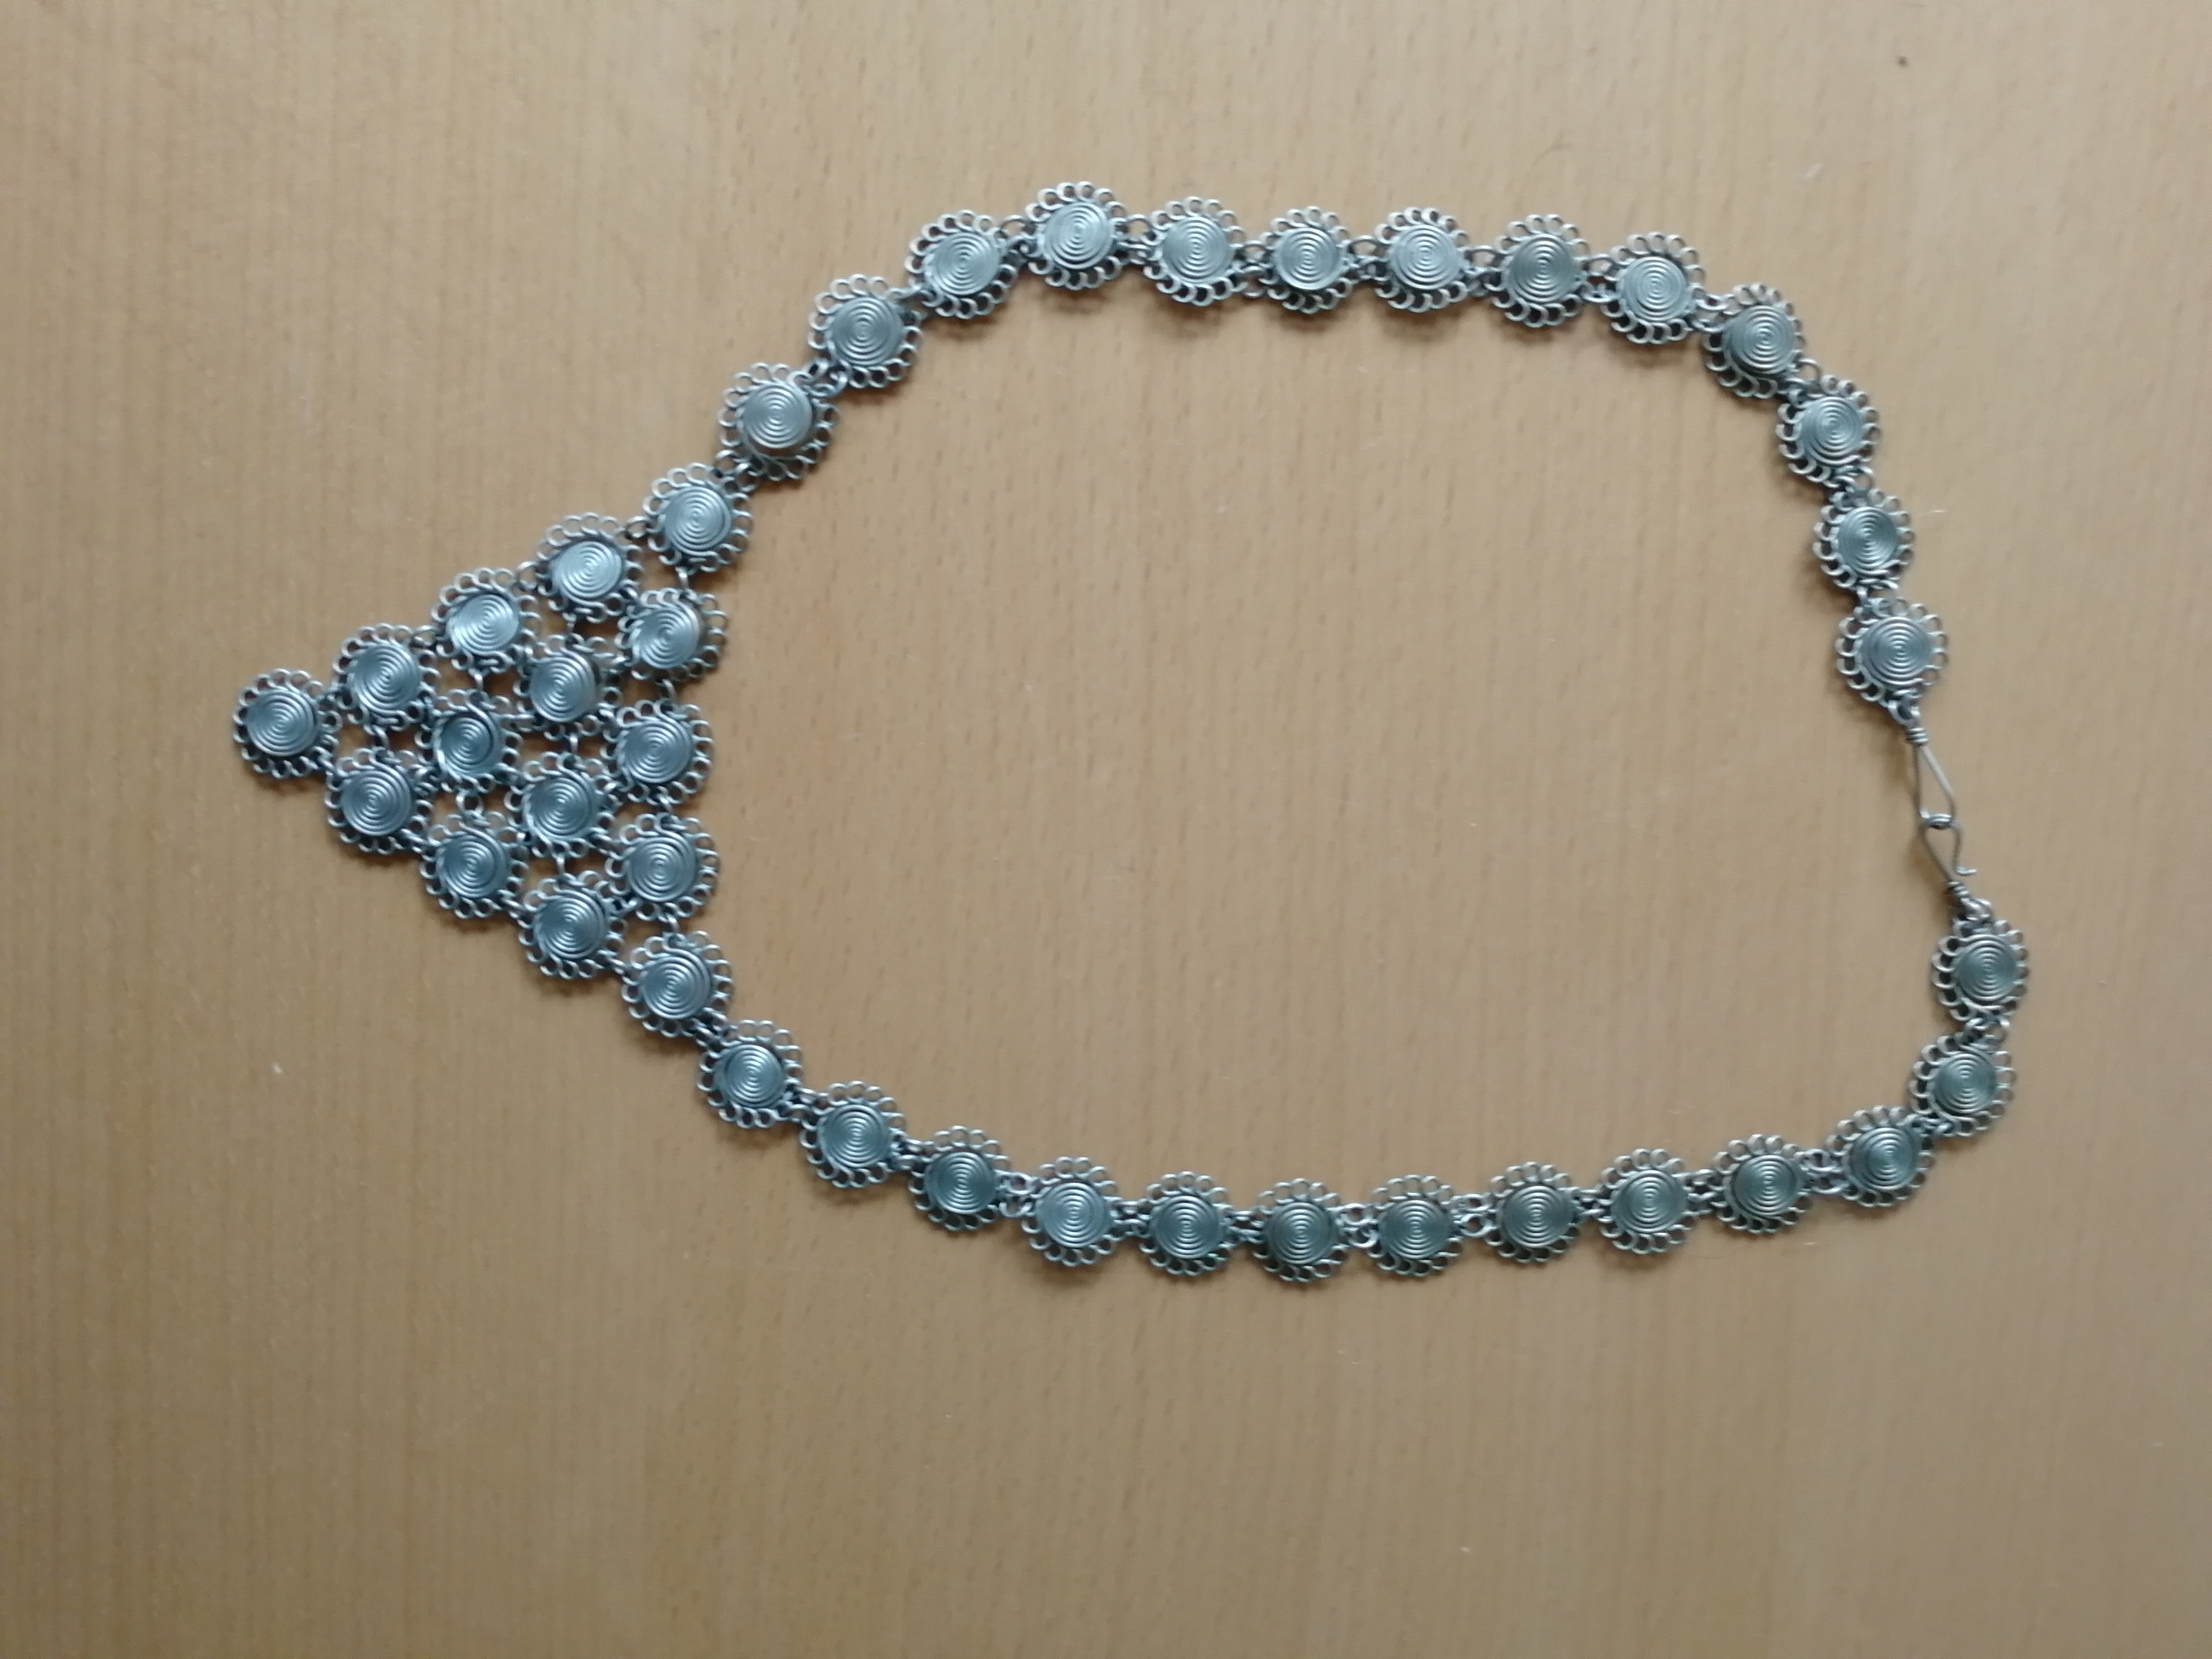 Interessante Halskette tauschen